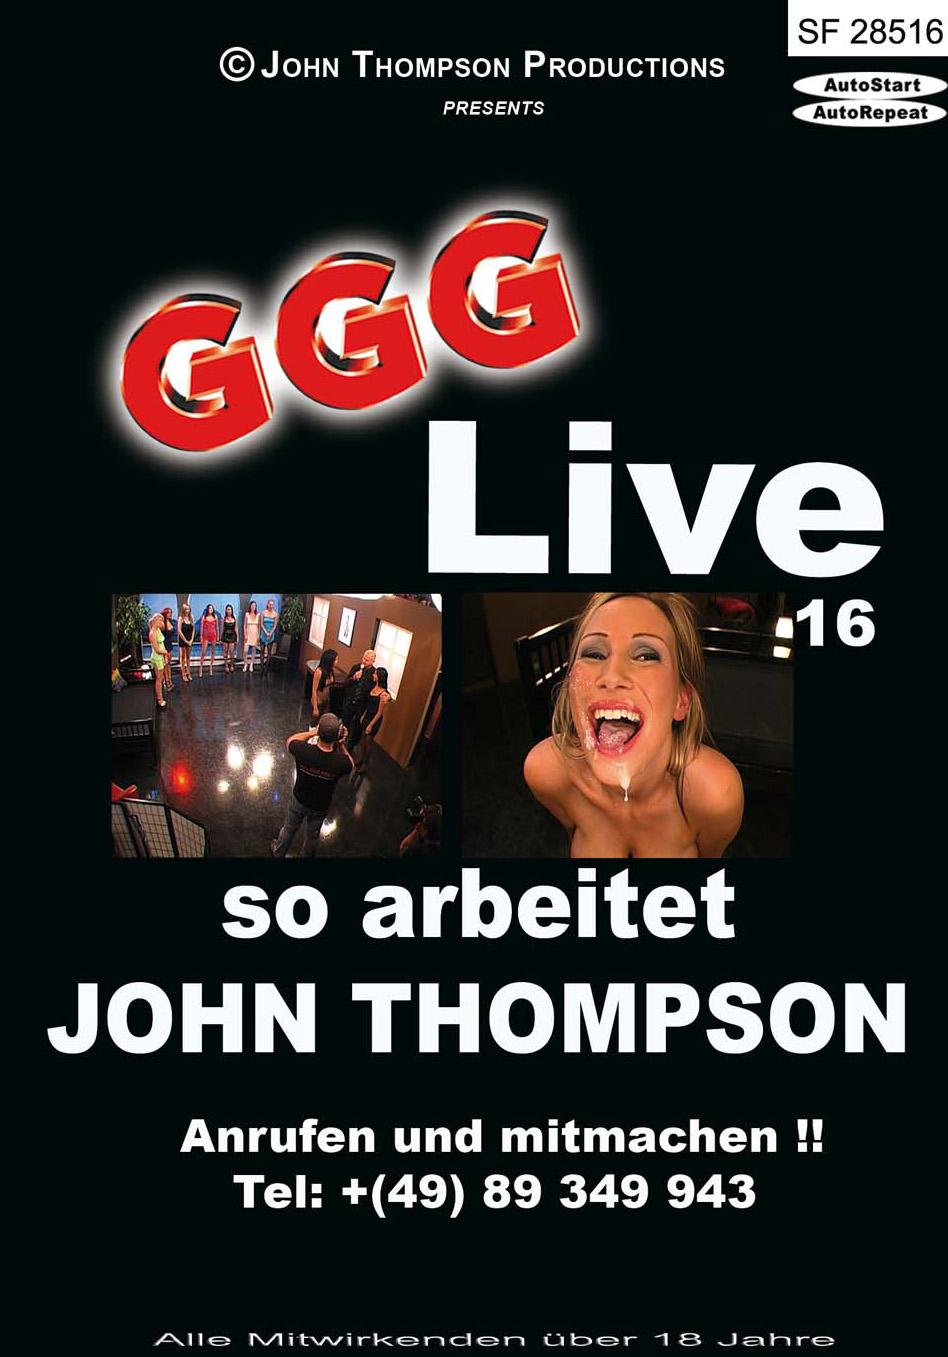 GGG Live #16